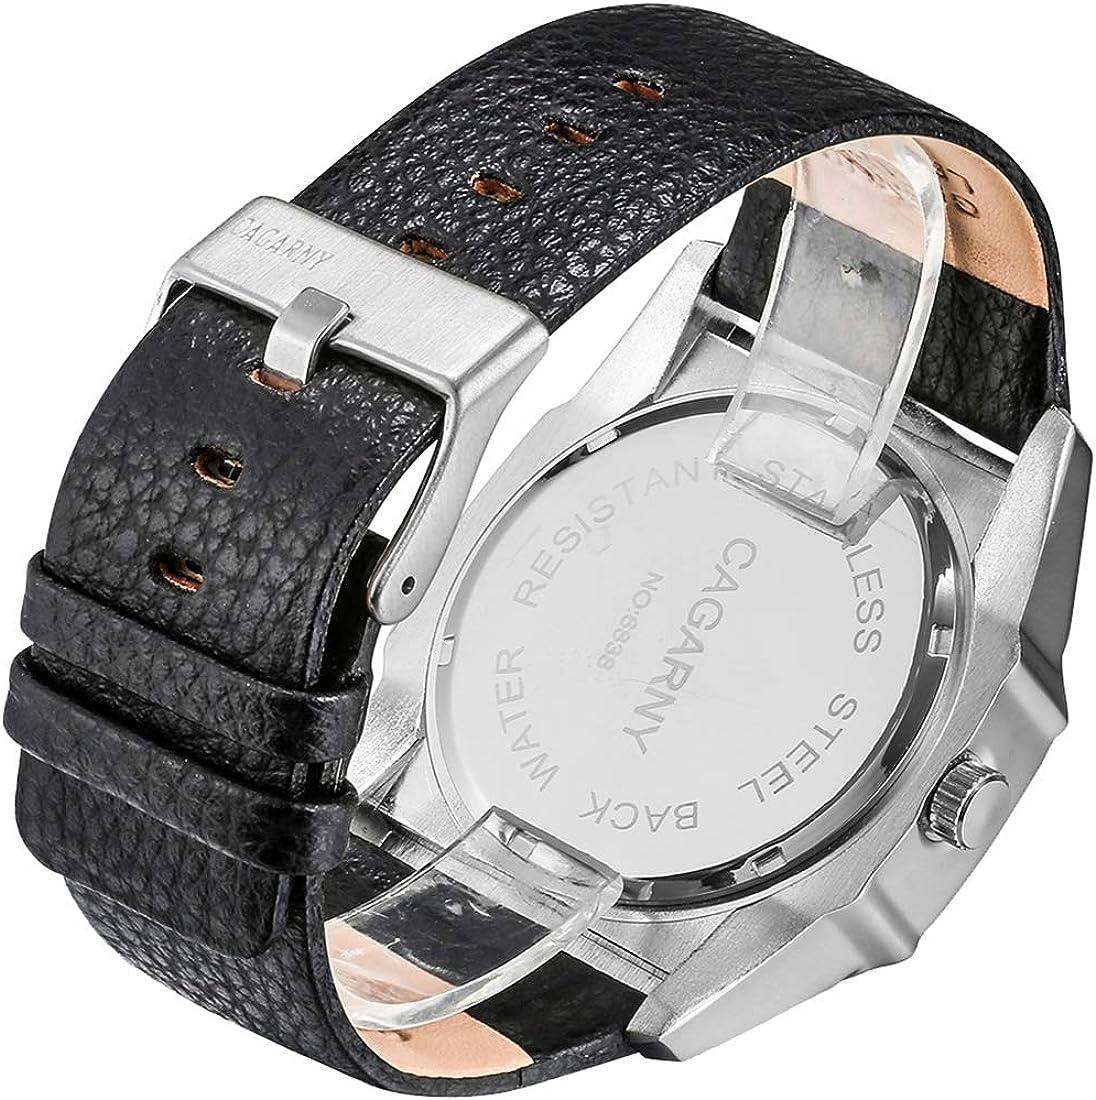 Montres 6838 (2) Montre de Poignet Sport multifonctionnelle élégante à Quartz avec Bracelet en Cuir et Heure GMT & Calendrier et Affichage Lucent pour Hommes Wa1406b